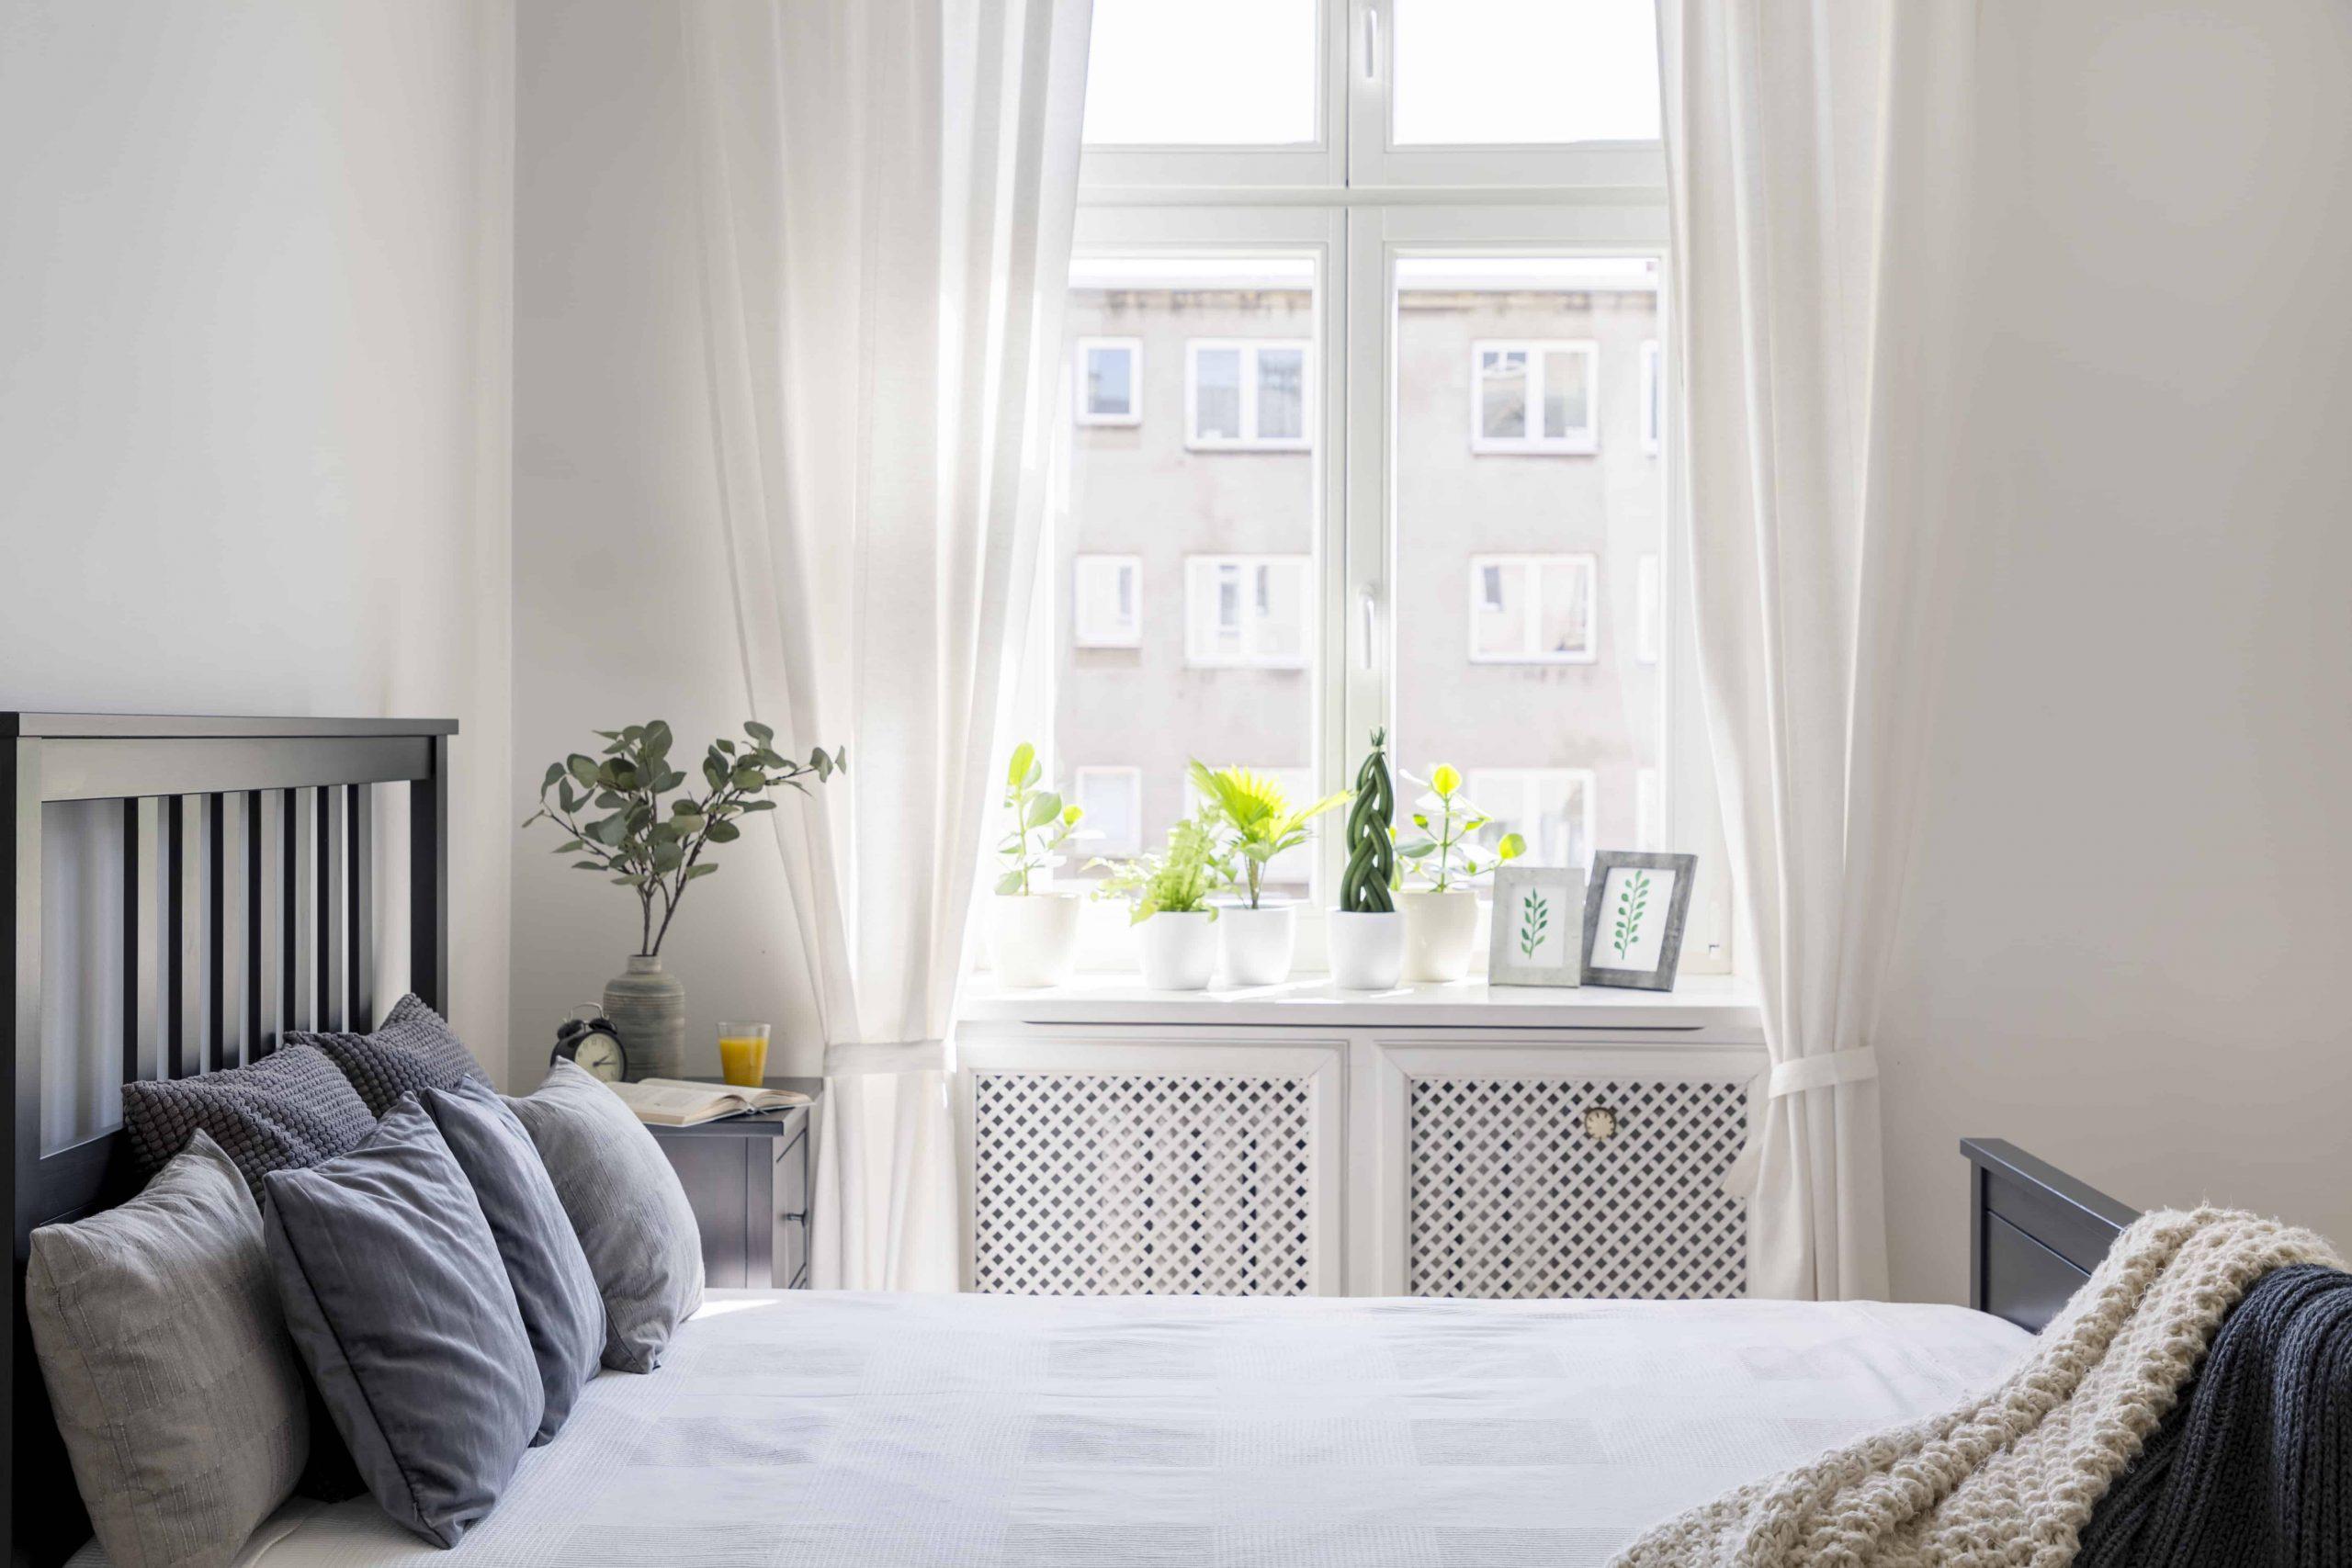 Sichtschutz Fenster: Test & Empfehlungen (09/20)